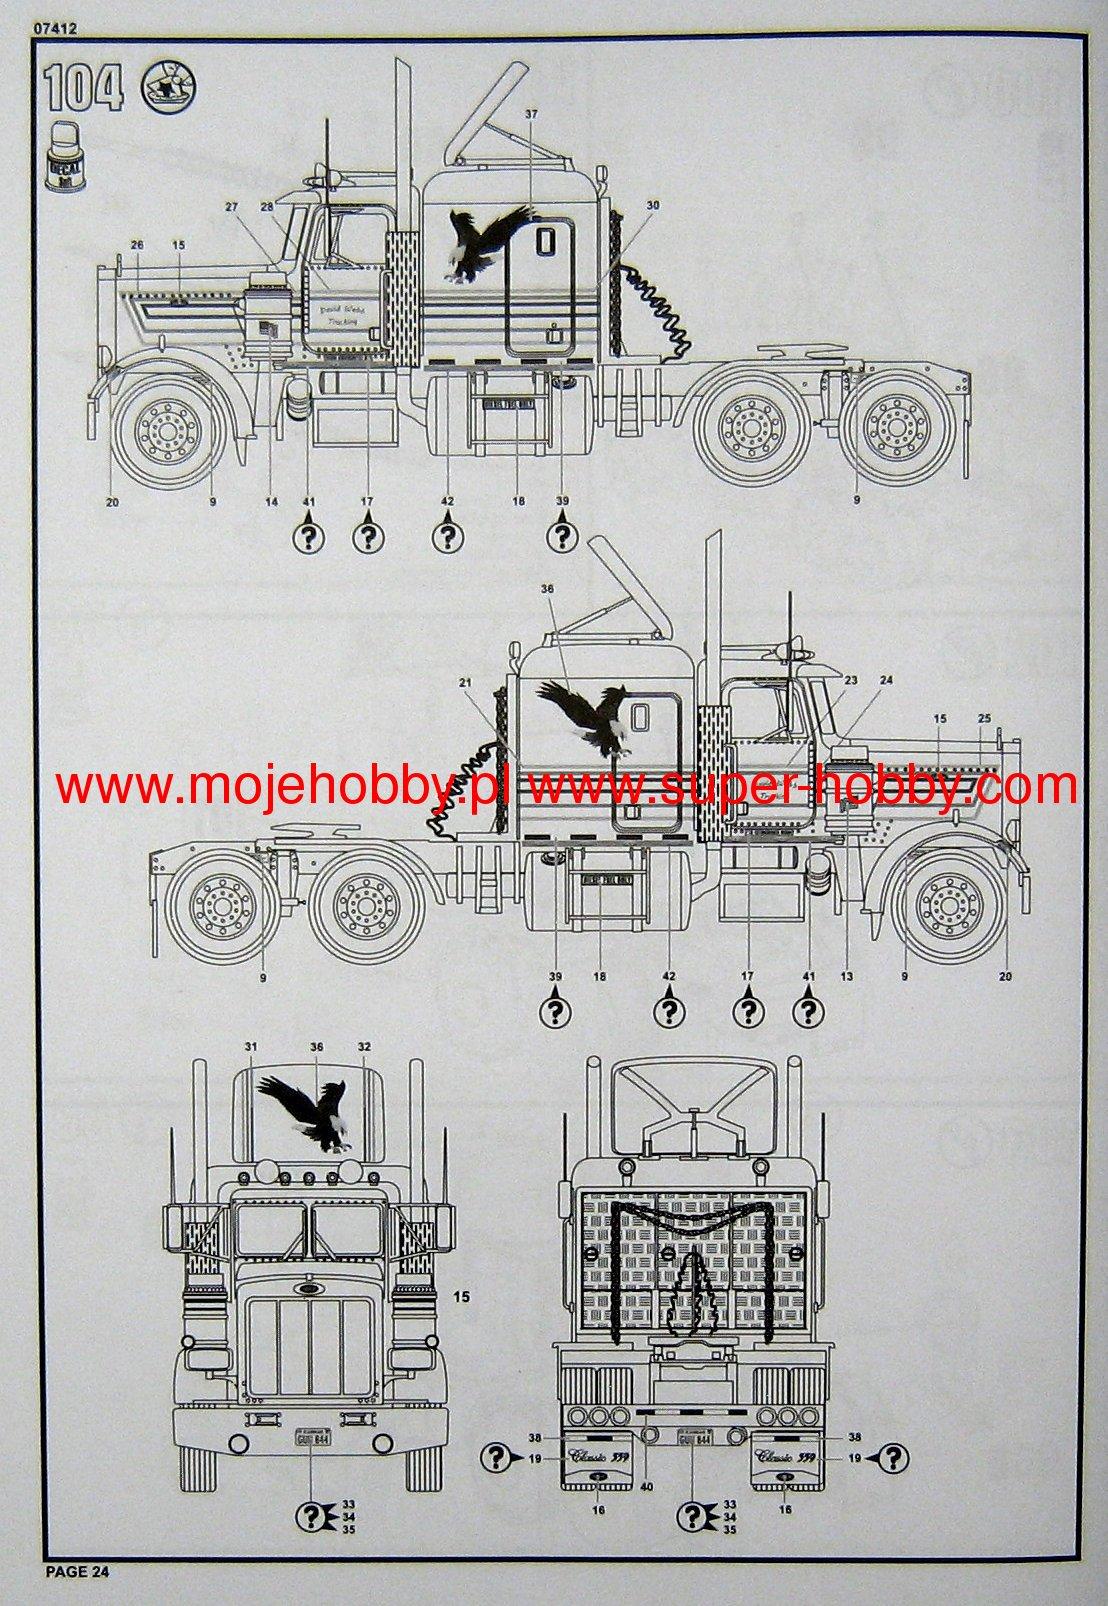 1982 Peterbilt 359 Wiring Diagram Trusted 1981 Kenworth Pin On Pinterest W900 Brake